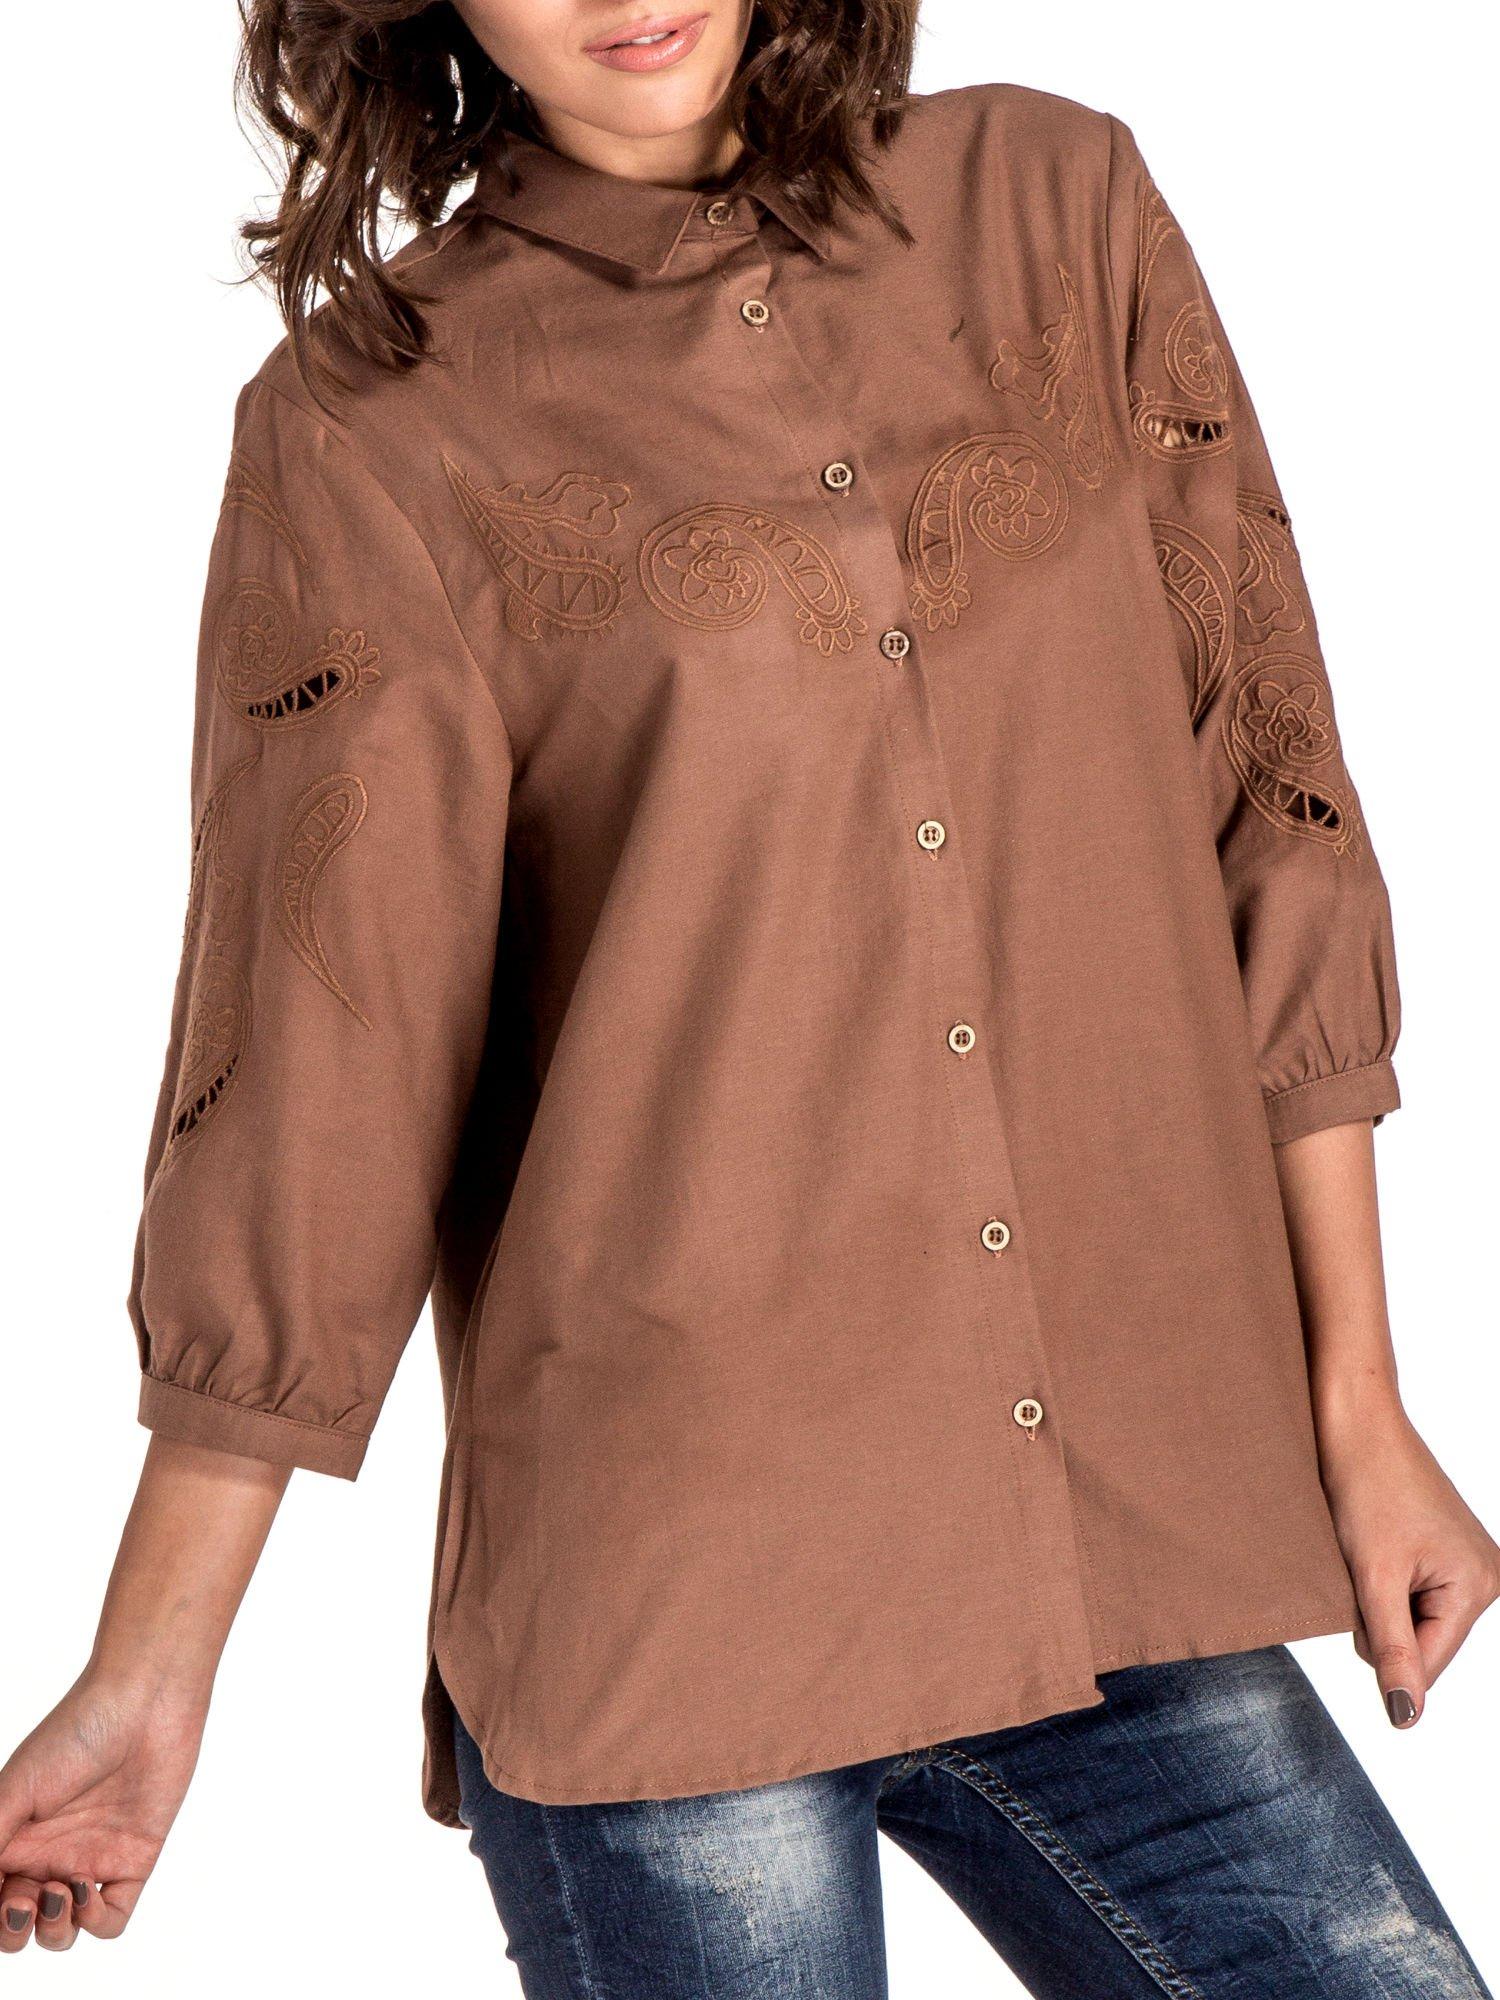 Ciemnobeżowa koszula z szerszymi rękawami                                  zdj.                                  4